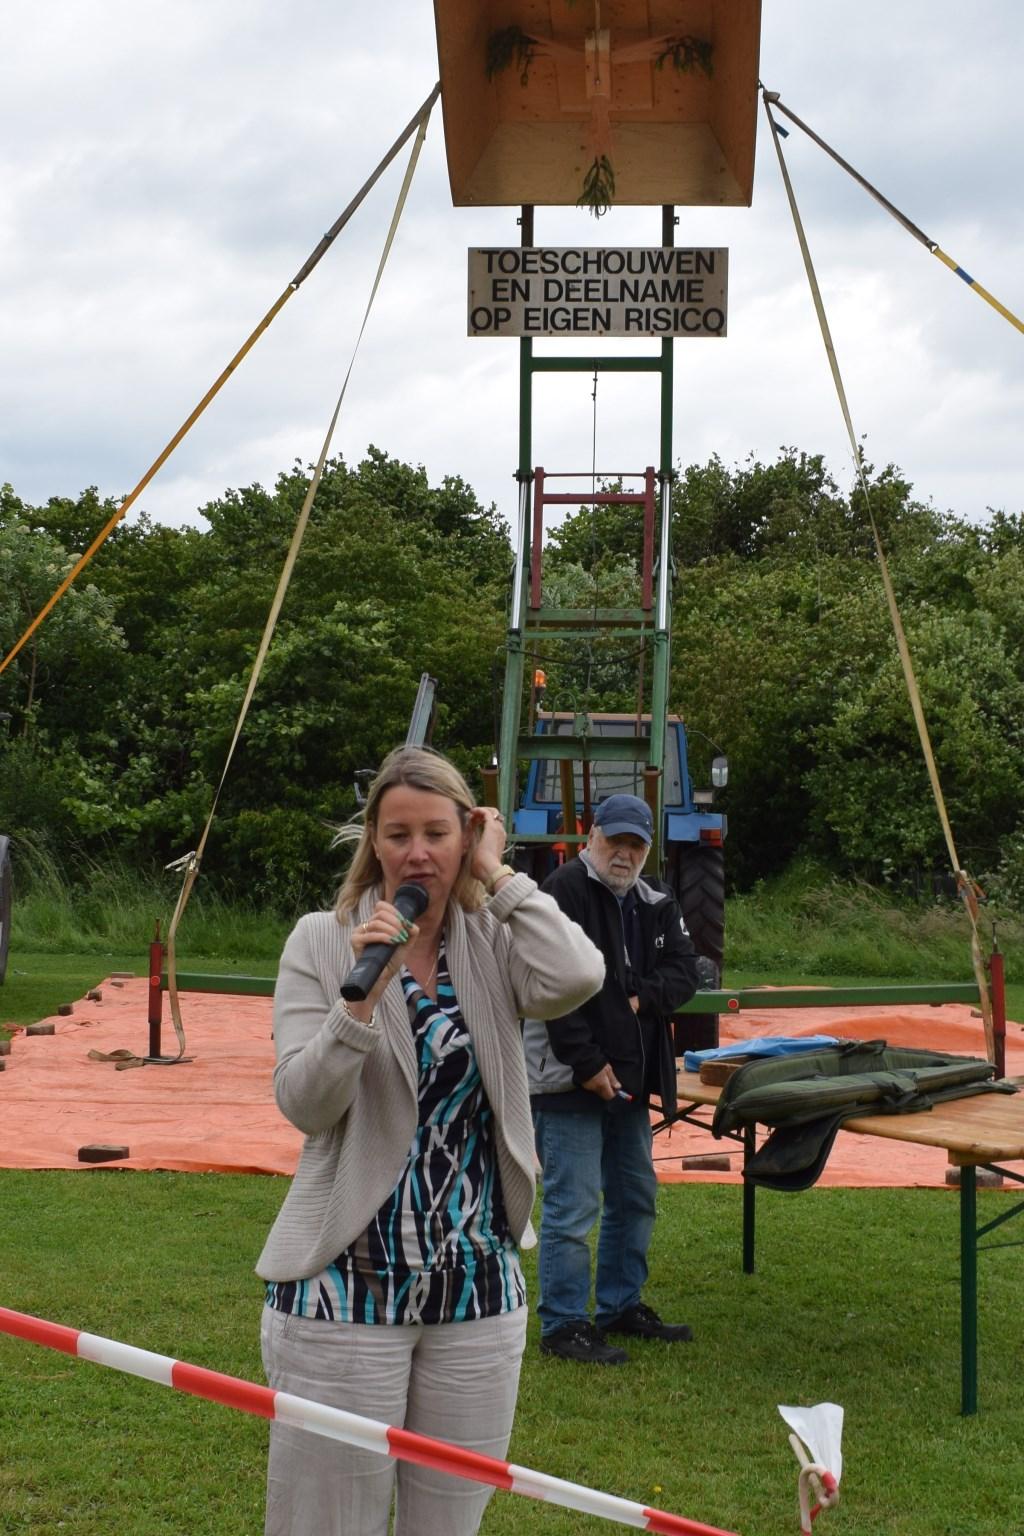 Laura werger spreekt de feestgangers toe voor de start van het vogelschieten. Foto: Ineke Hissink  © Achterhoek Nieuws b.v.